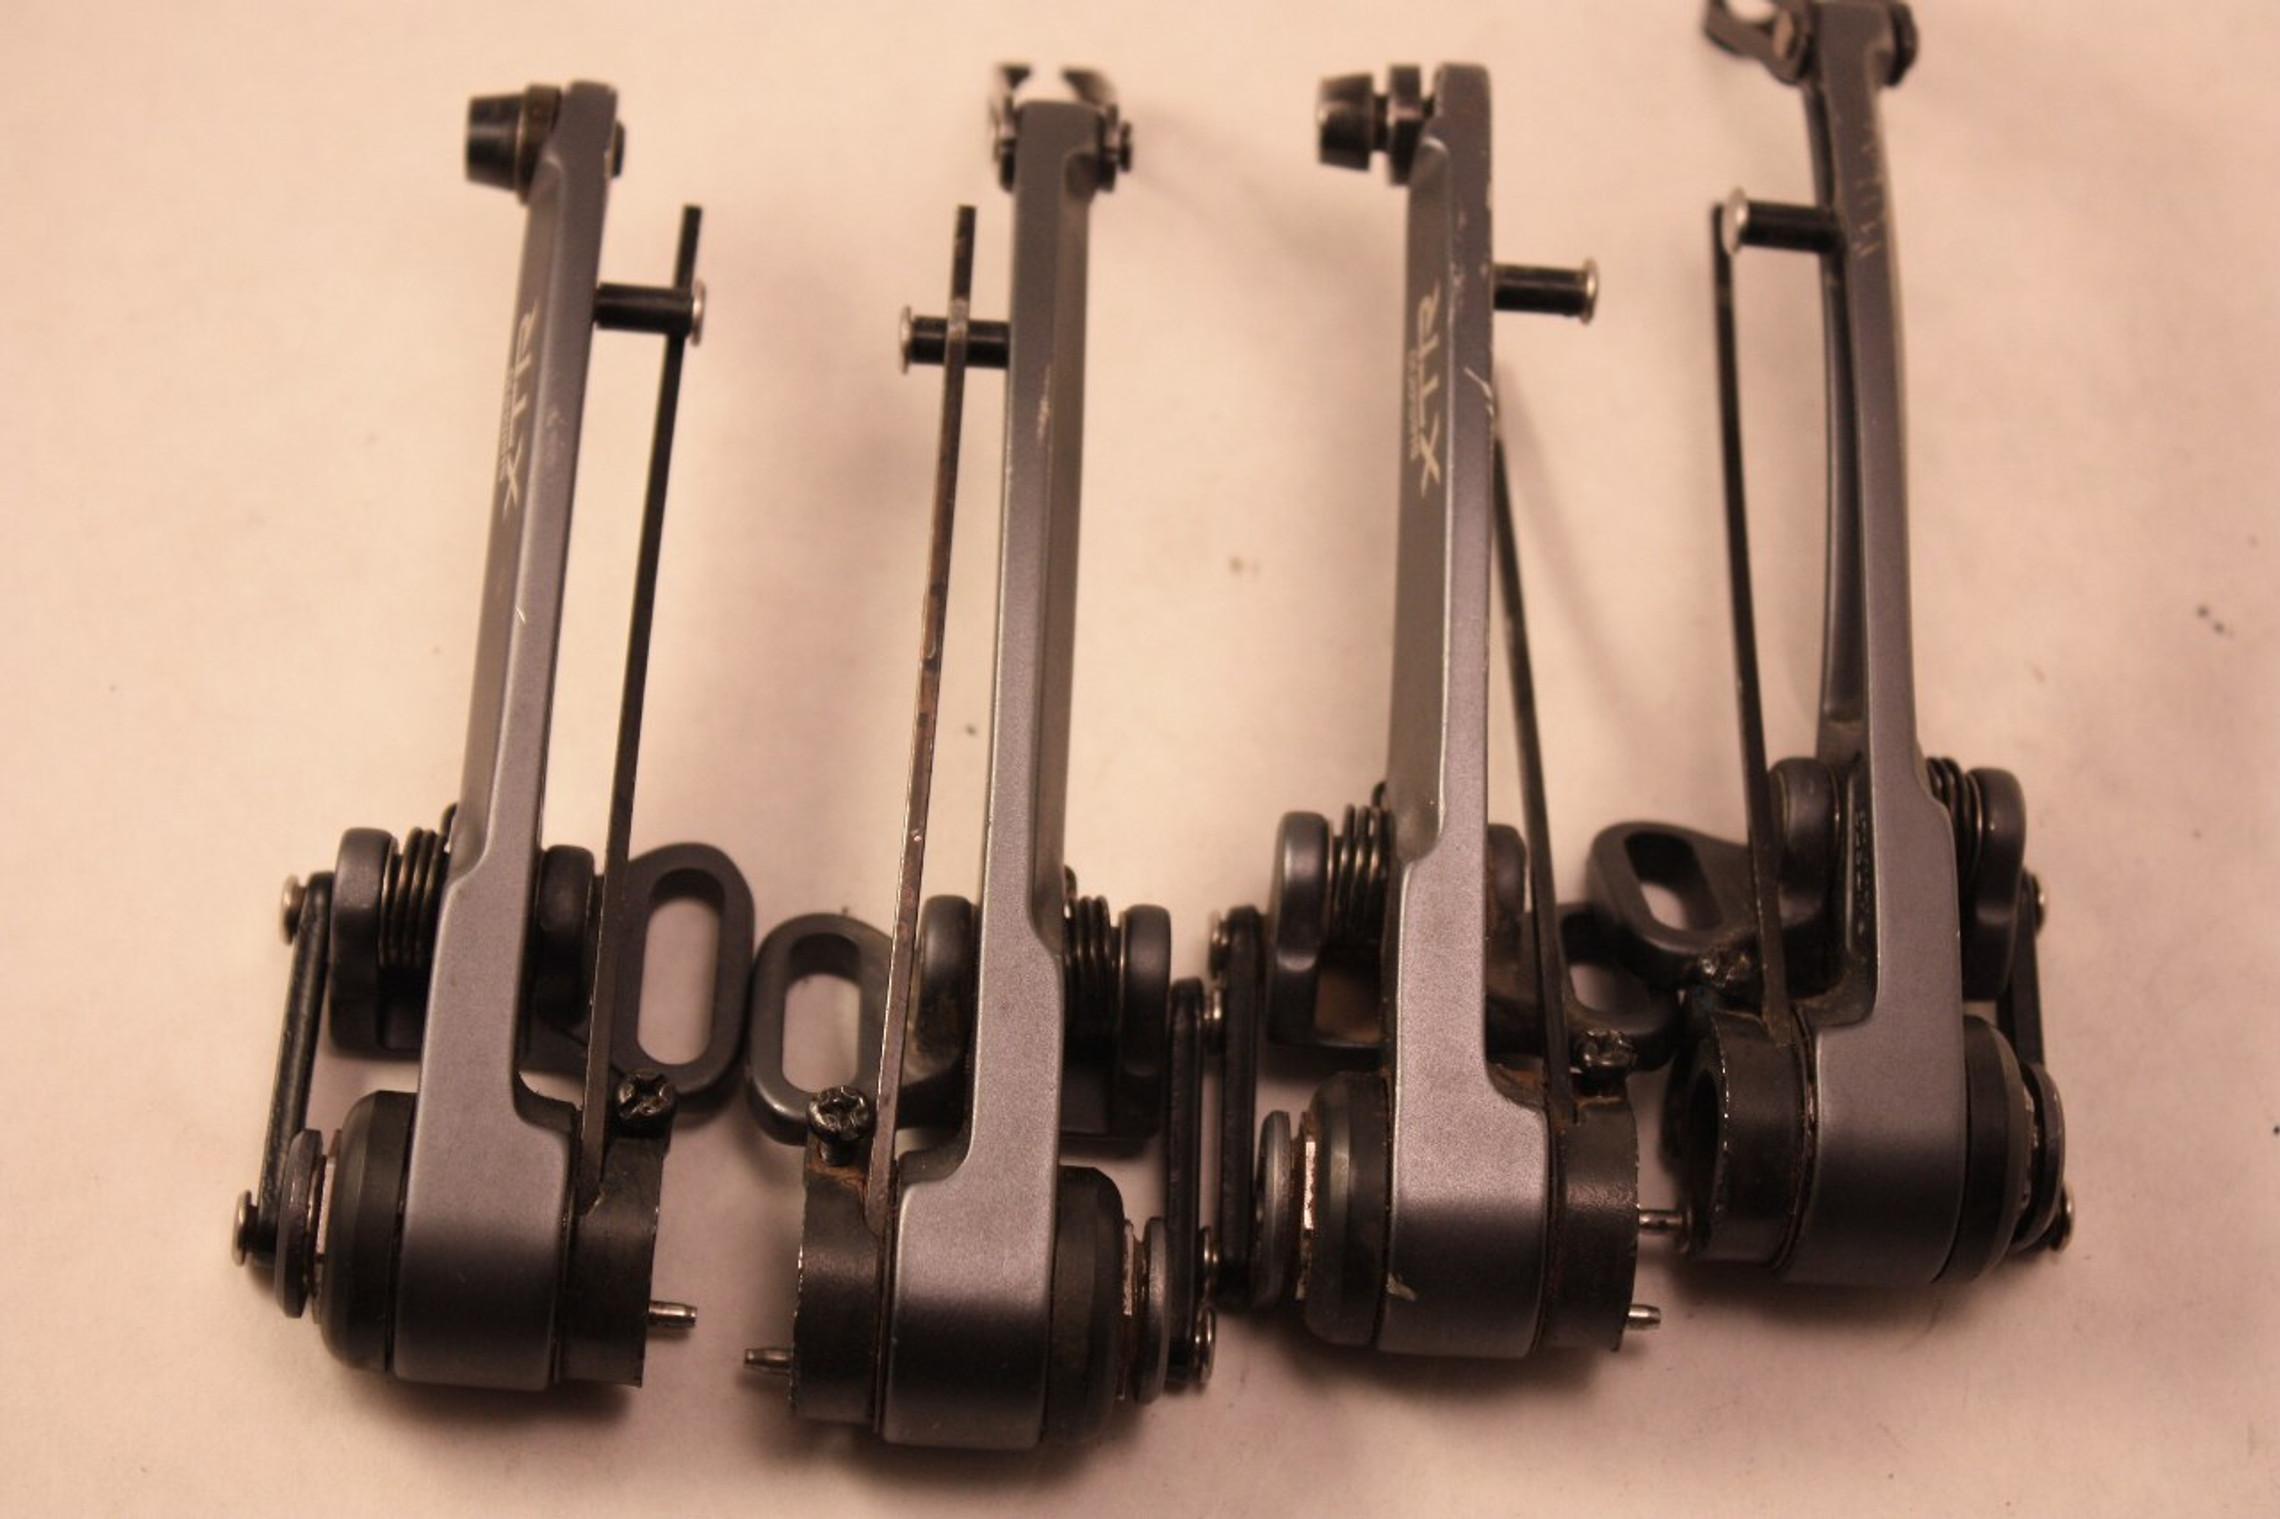 Shimano Deore XTR BR-M951/ BR-M950 V-brake Set: No Pads 1270